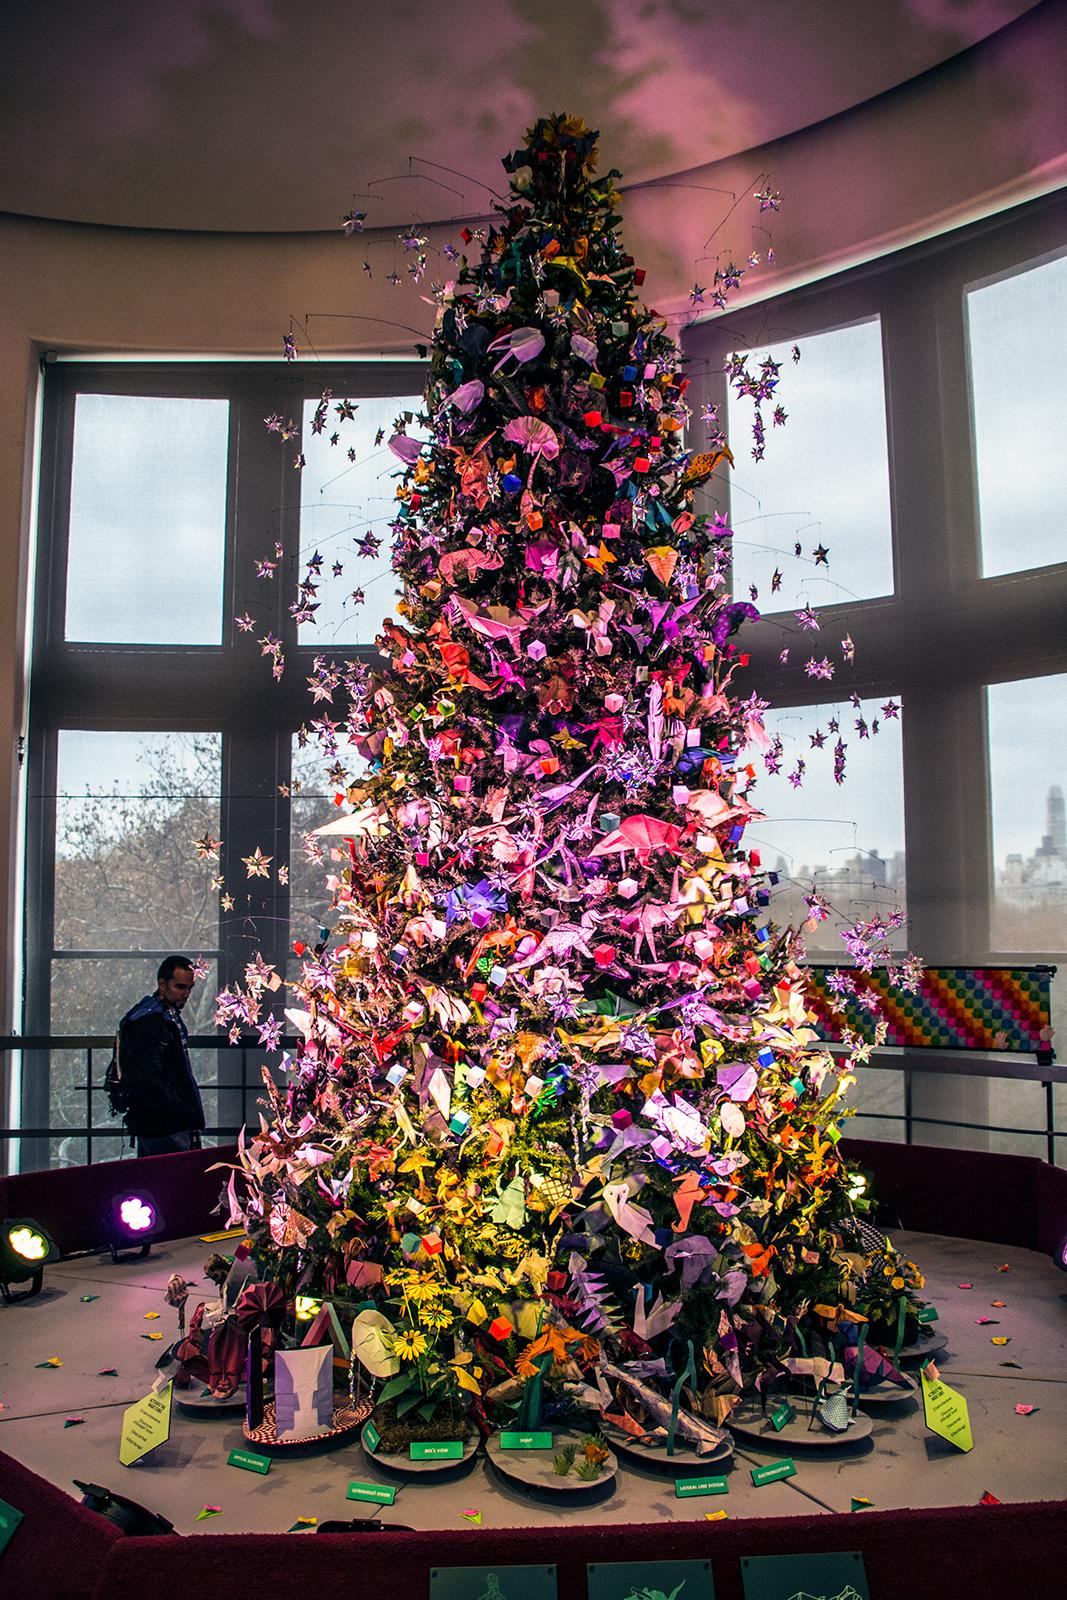 Árbol de navidad decorado de Origami en el Museo Americano de Historia Natural - New York CityPass